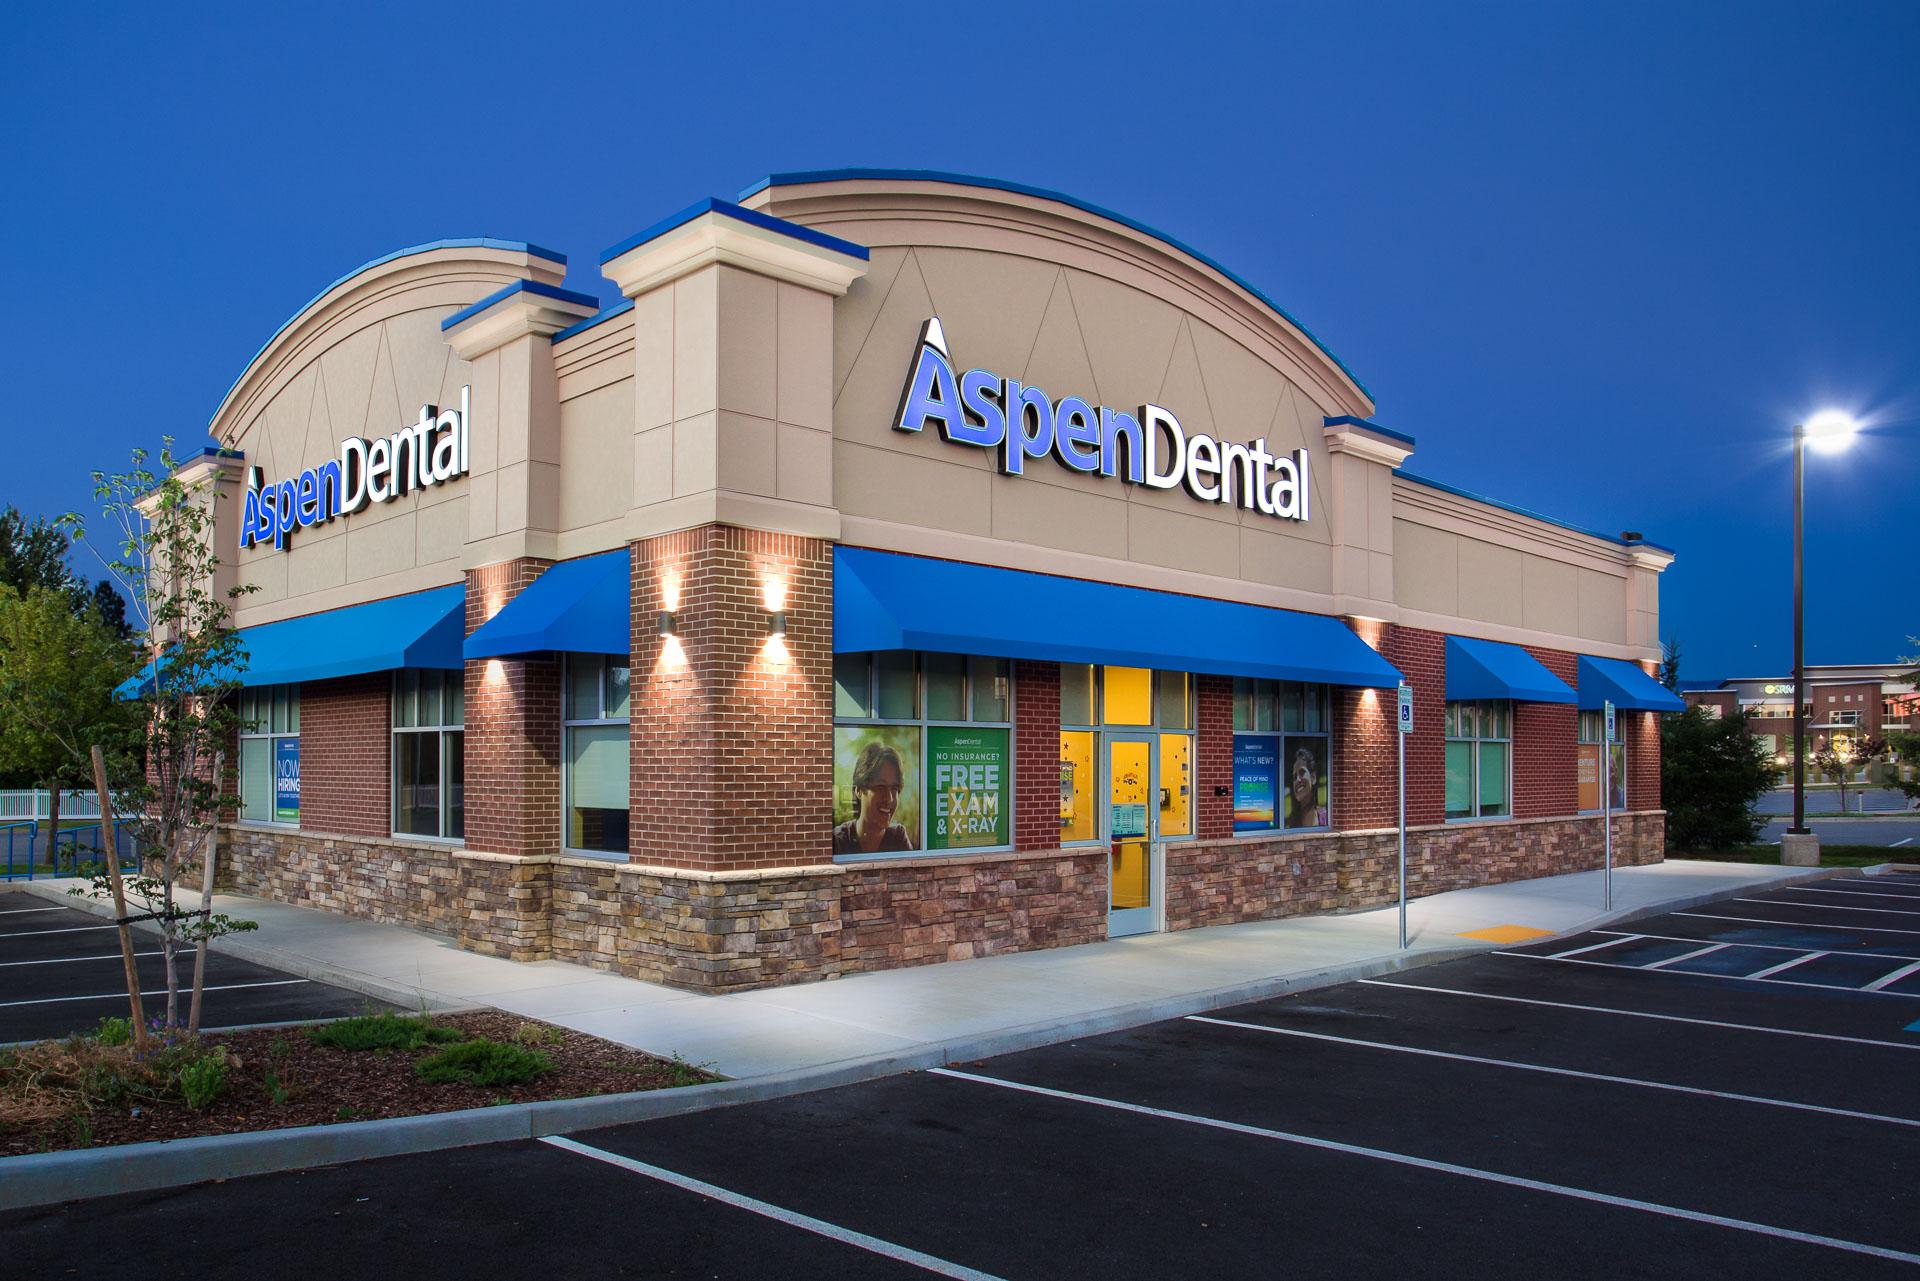 Aspen Dental Spokane Valley Rl Miller Photography Rl